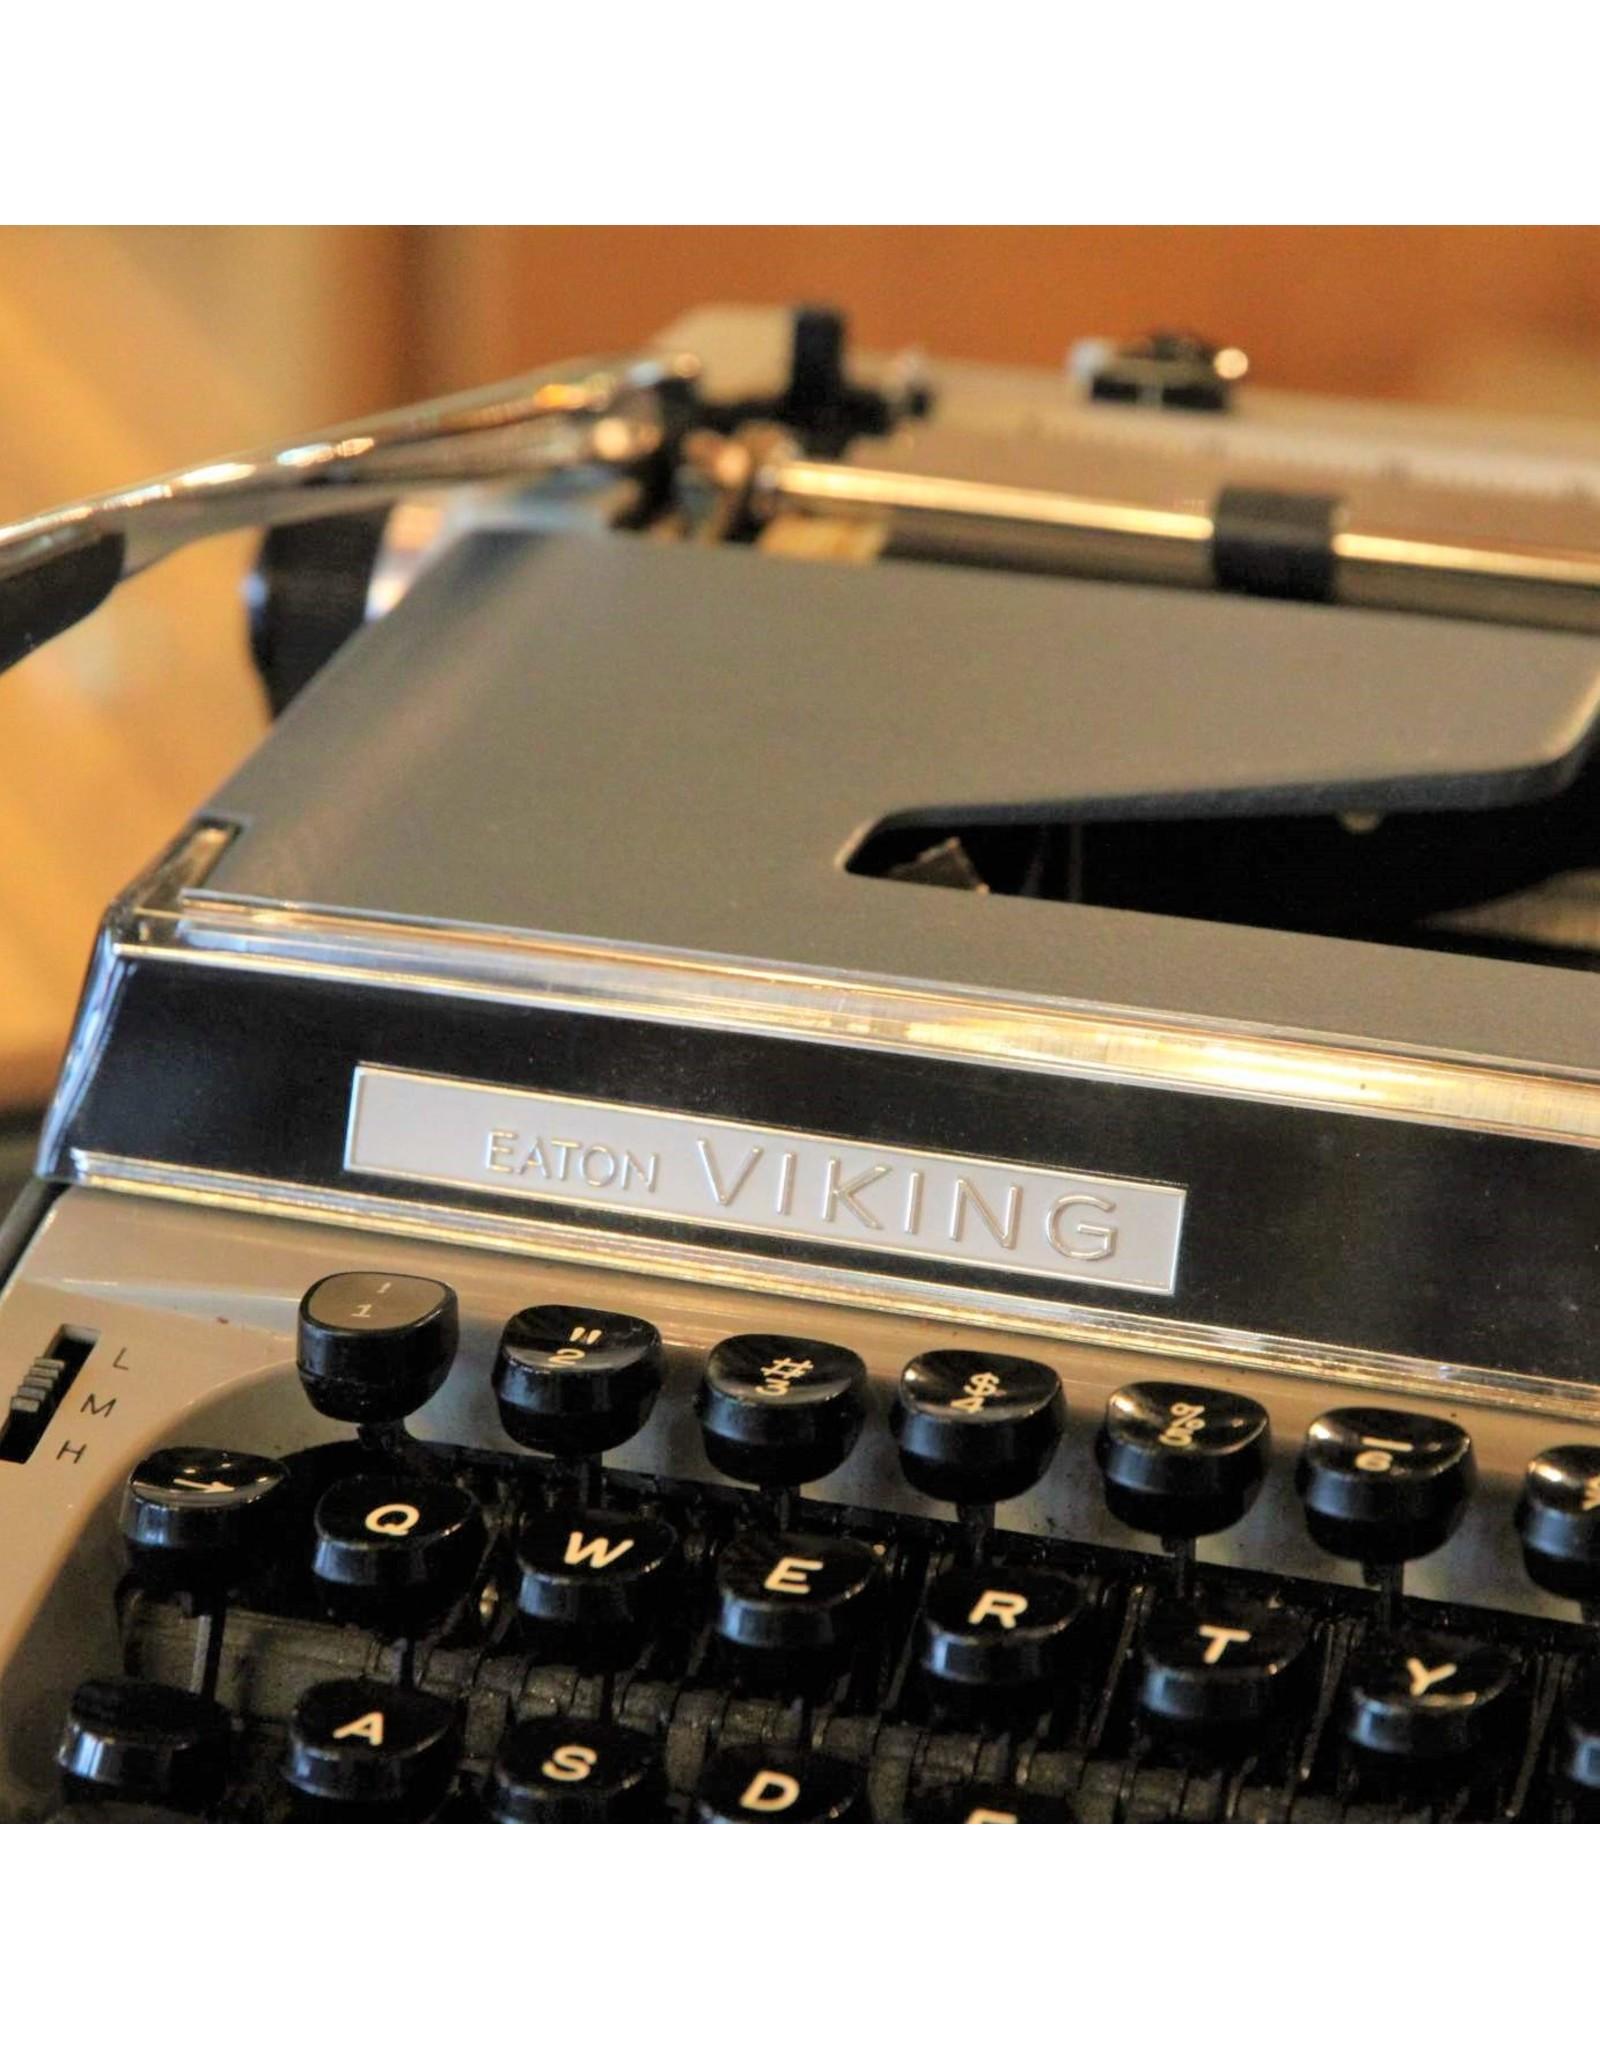 Typewriter - Eaton Viking Deluxe 10 blue working